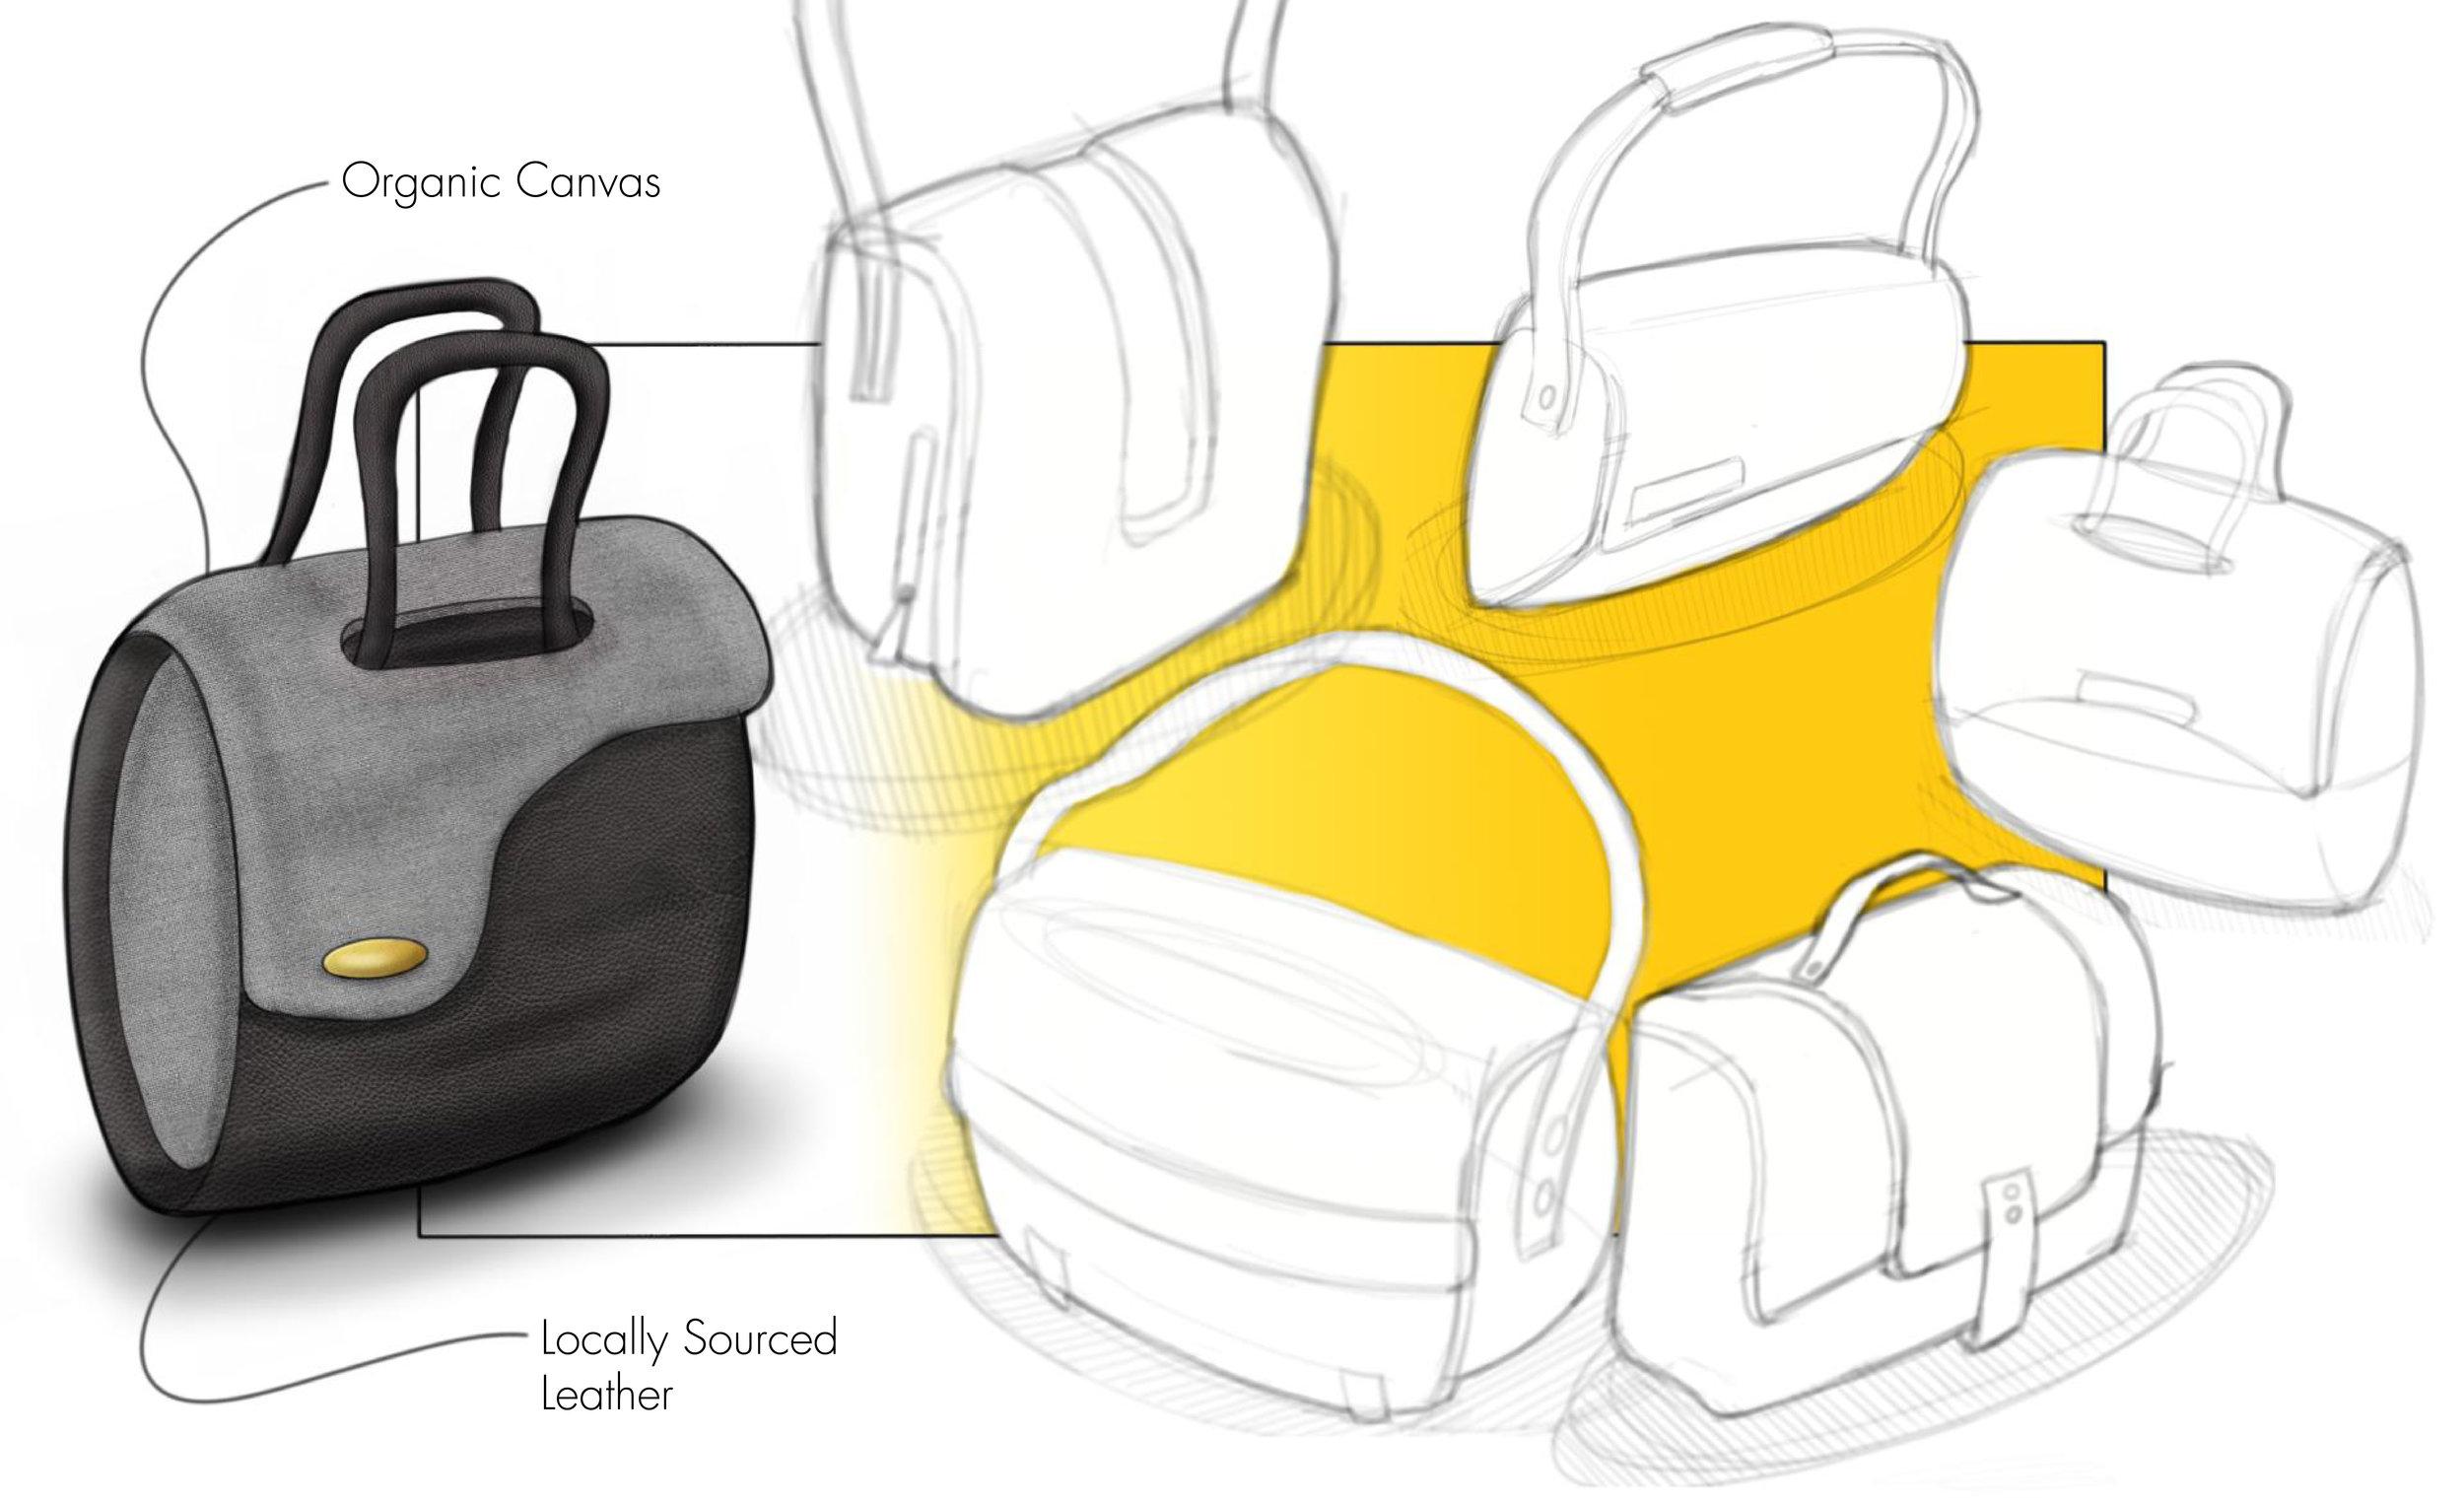 Hand Bag Sketch Ideation